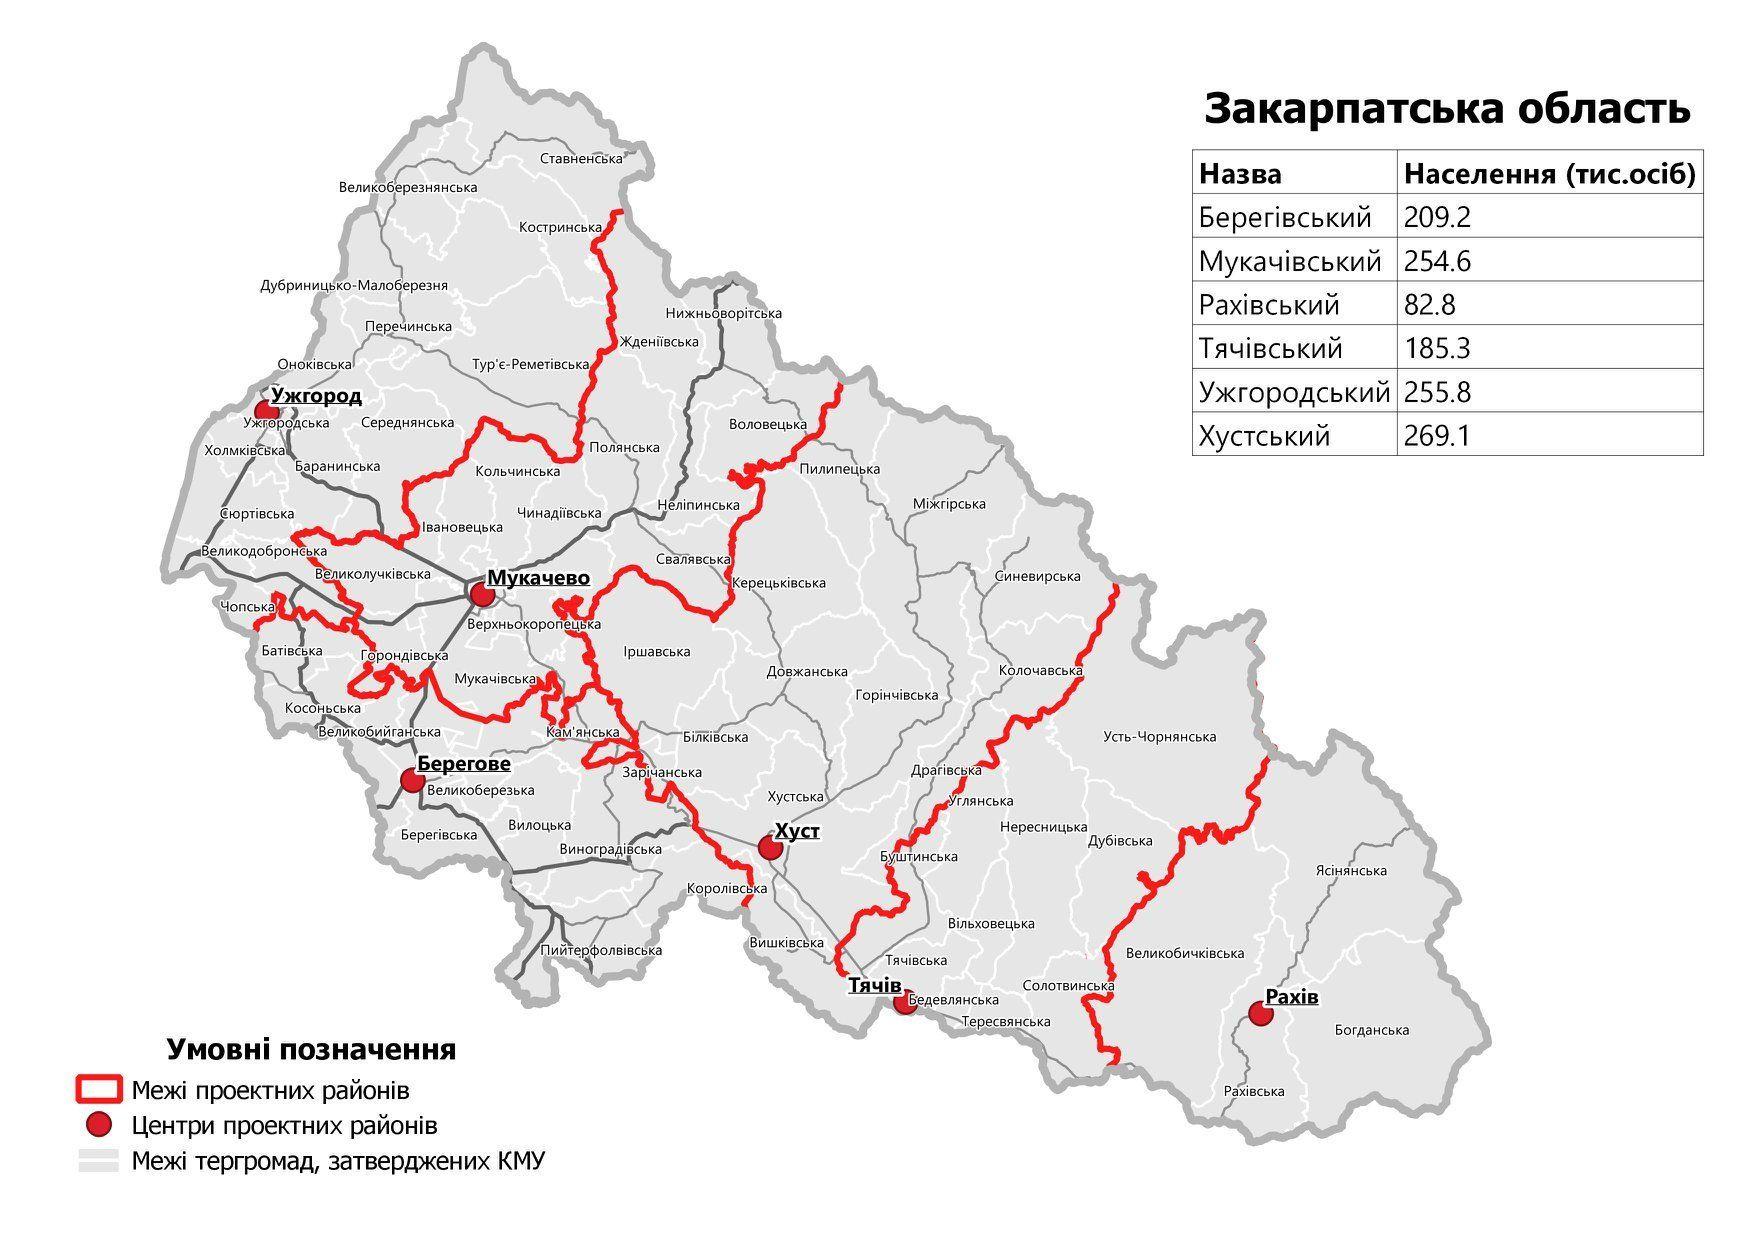 Мапа нових районів_11